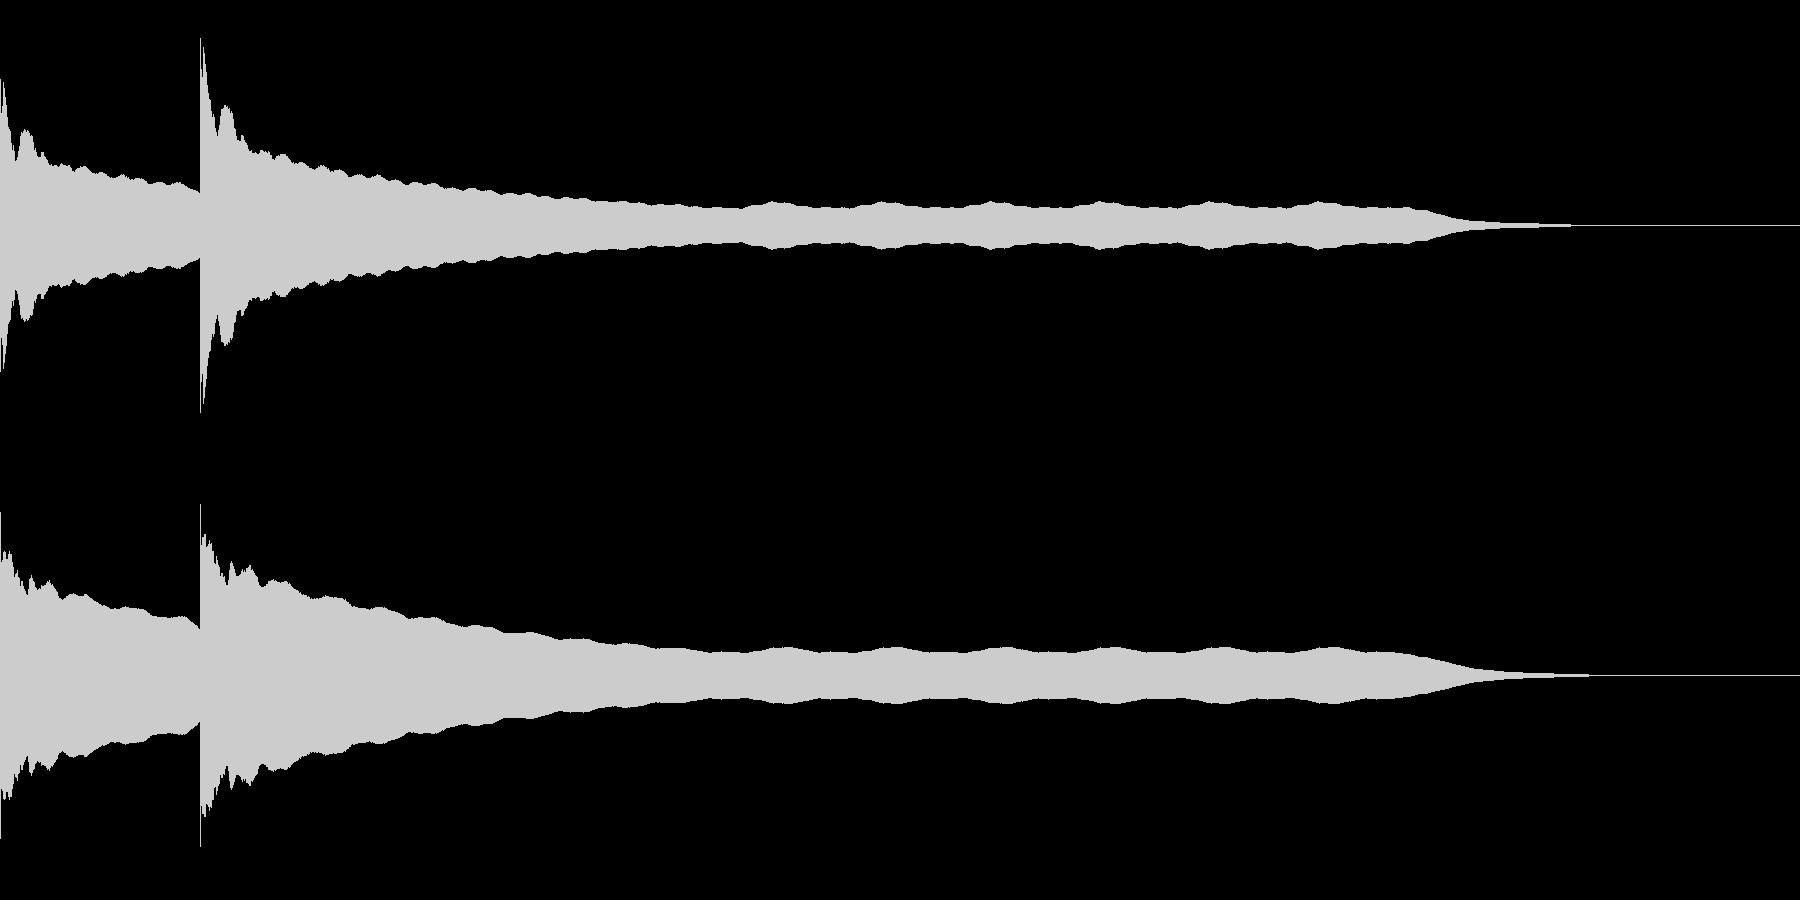 チーンチーン 仏壇の鐘の音3 リバーブ付の未再生の波形